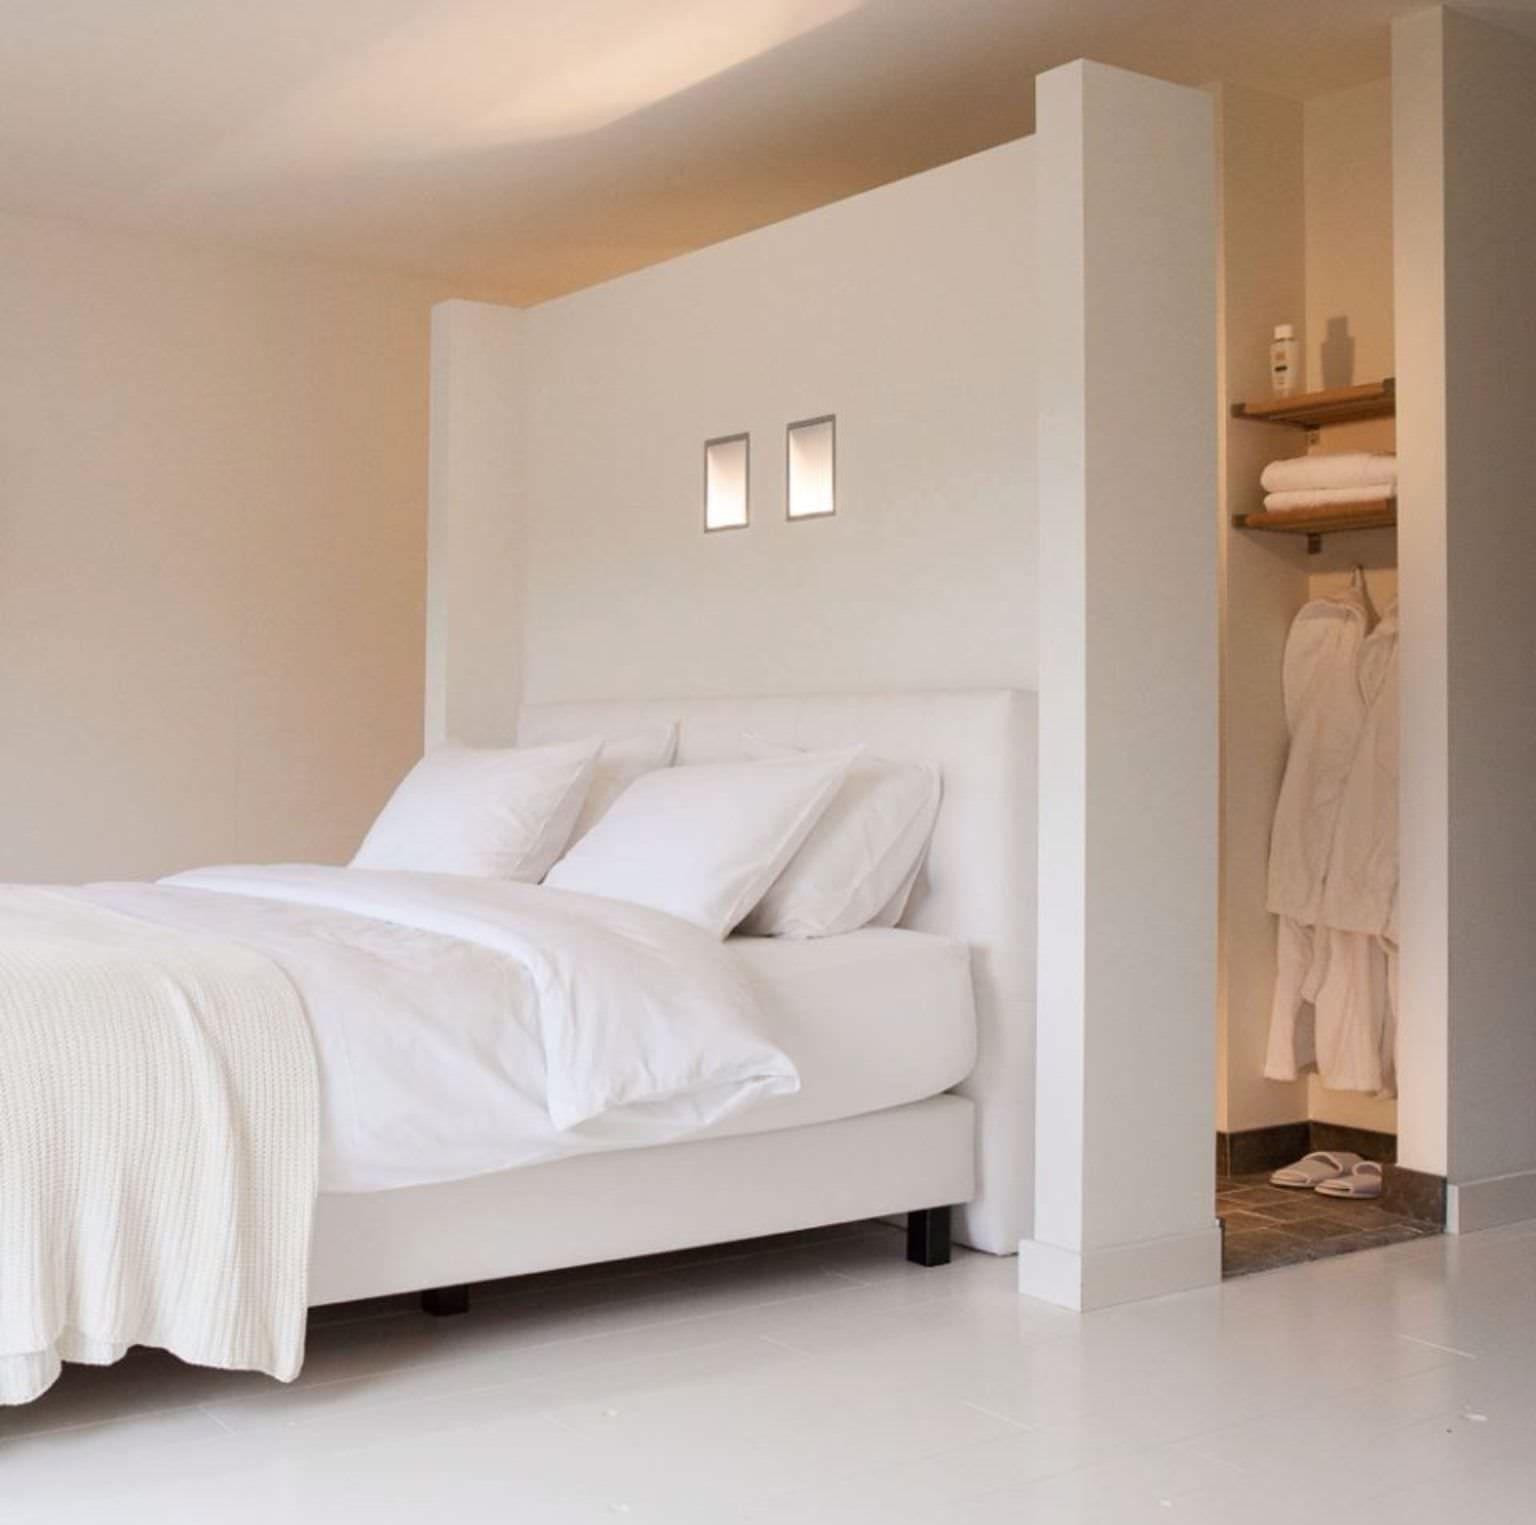 Pareti Bagno In Cartongesso 40 idee di lavori in cartongesso per la camera da letto